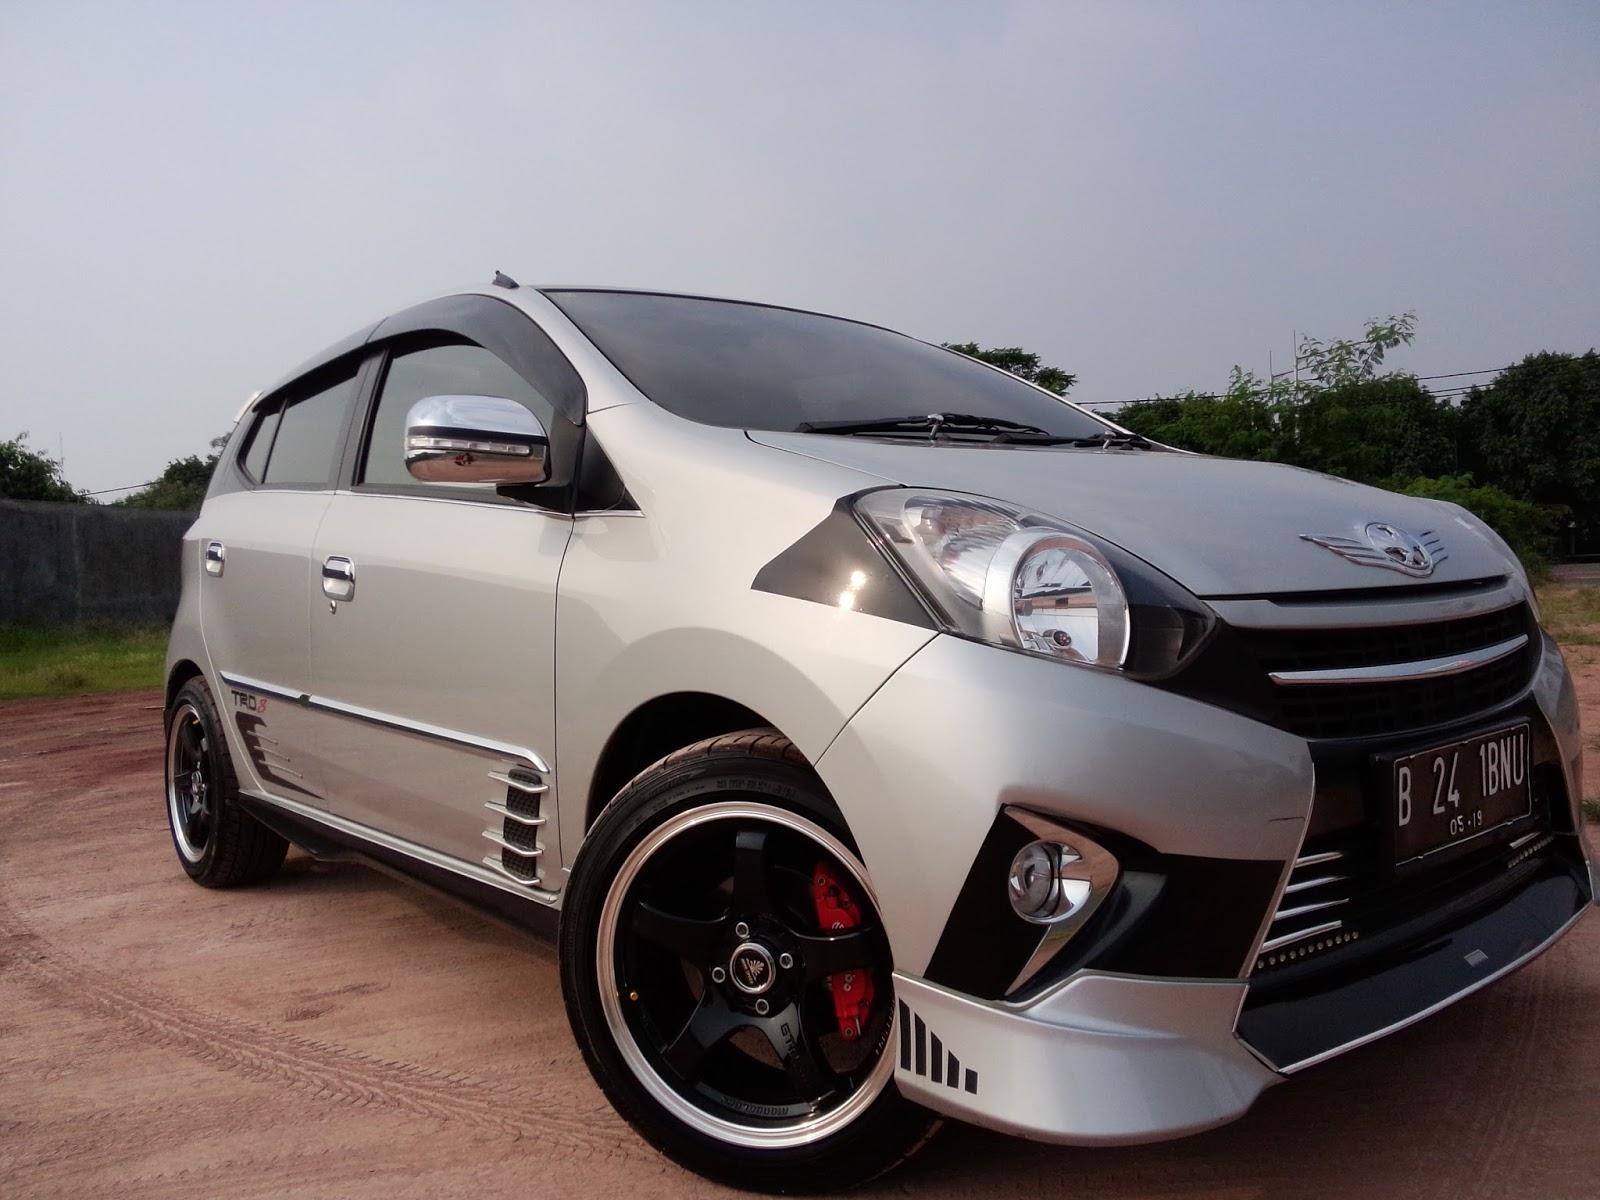 Warna New Agya Trd All Yaris 2016 Modifikasi Mobil Terbaru S G E Ayla Bagian Dalam